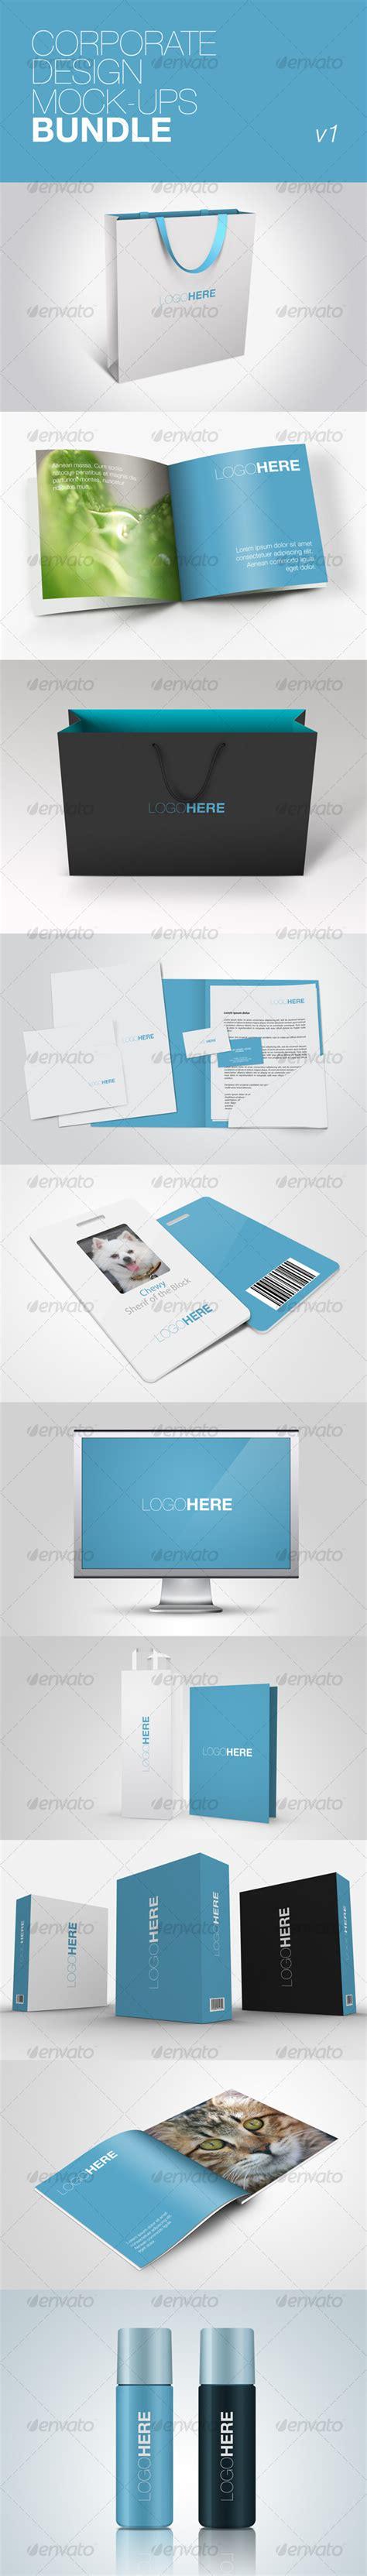 mockup graphic design definition corporate design mock ups bundle v1 graphicriver